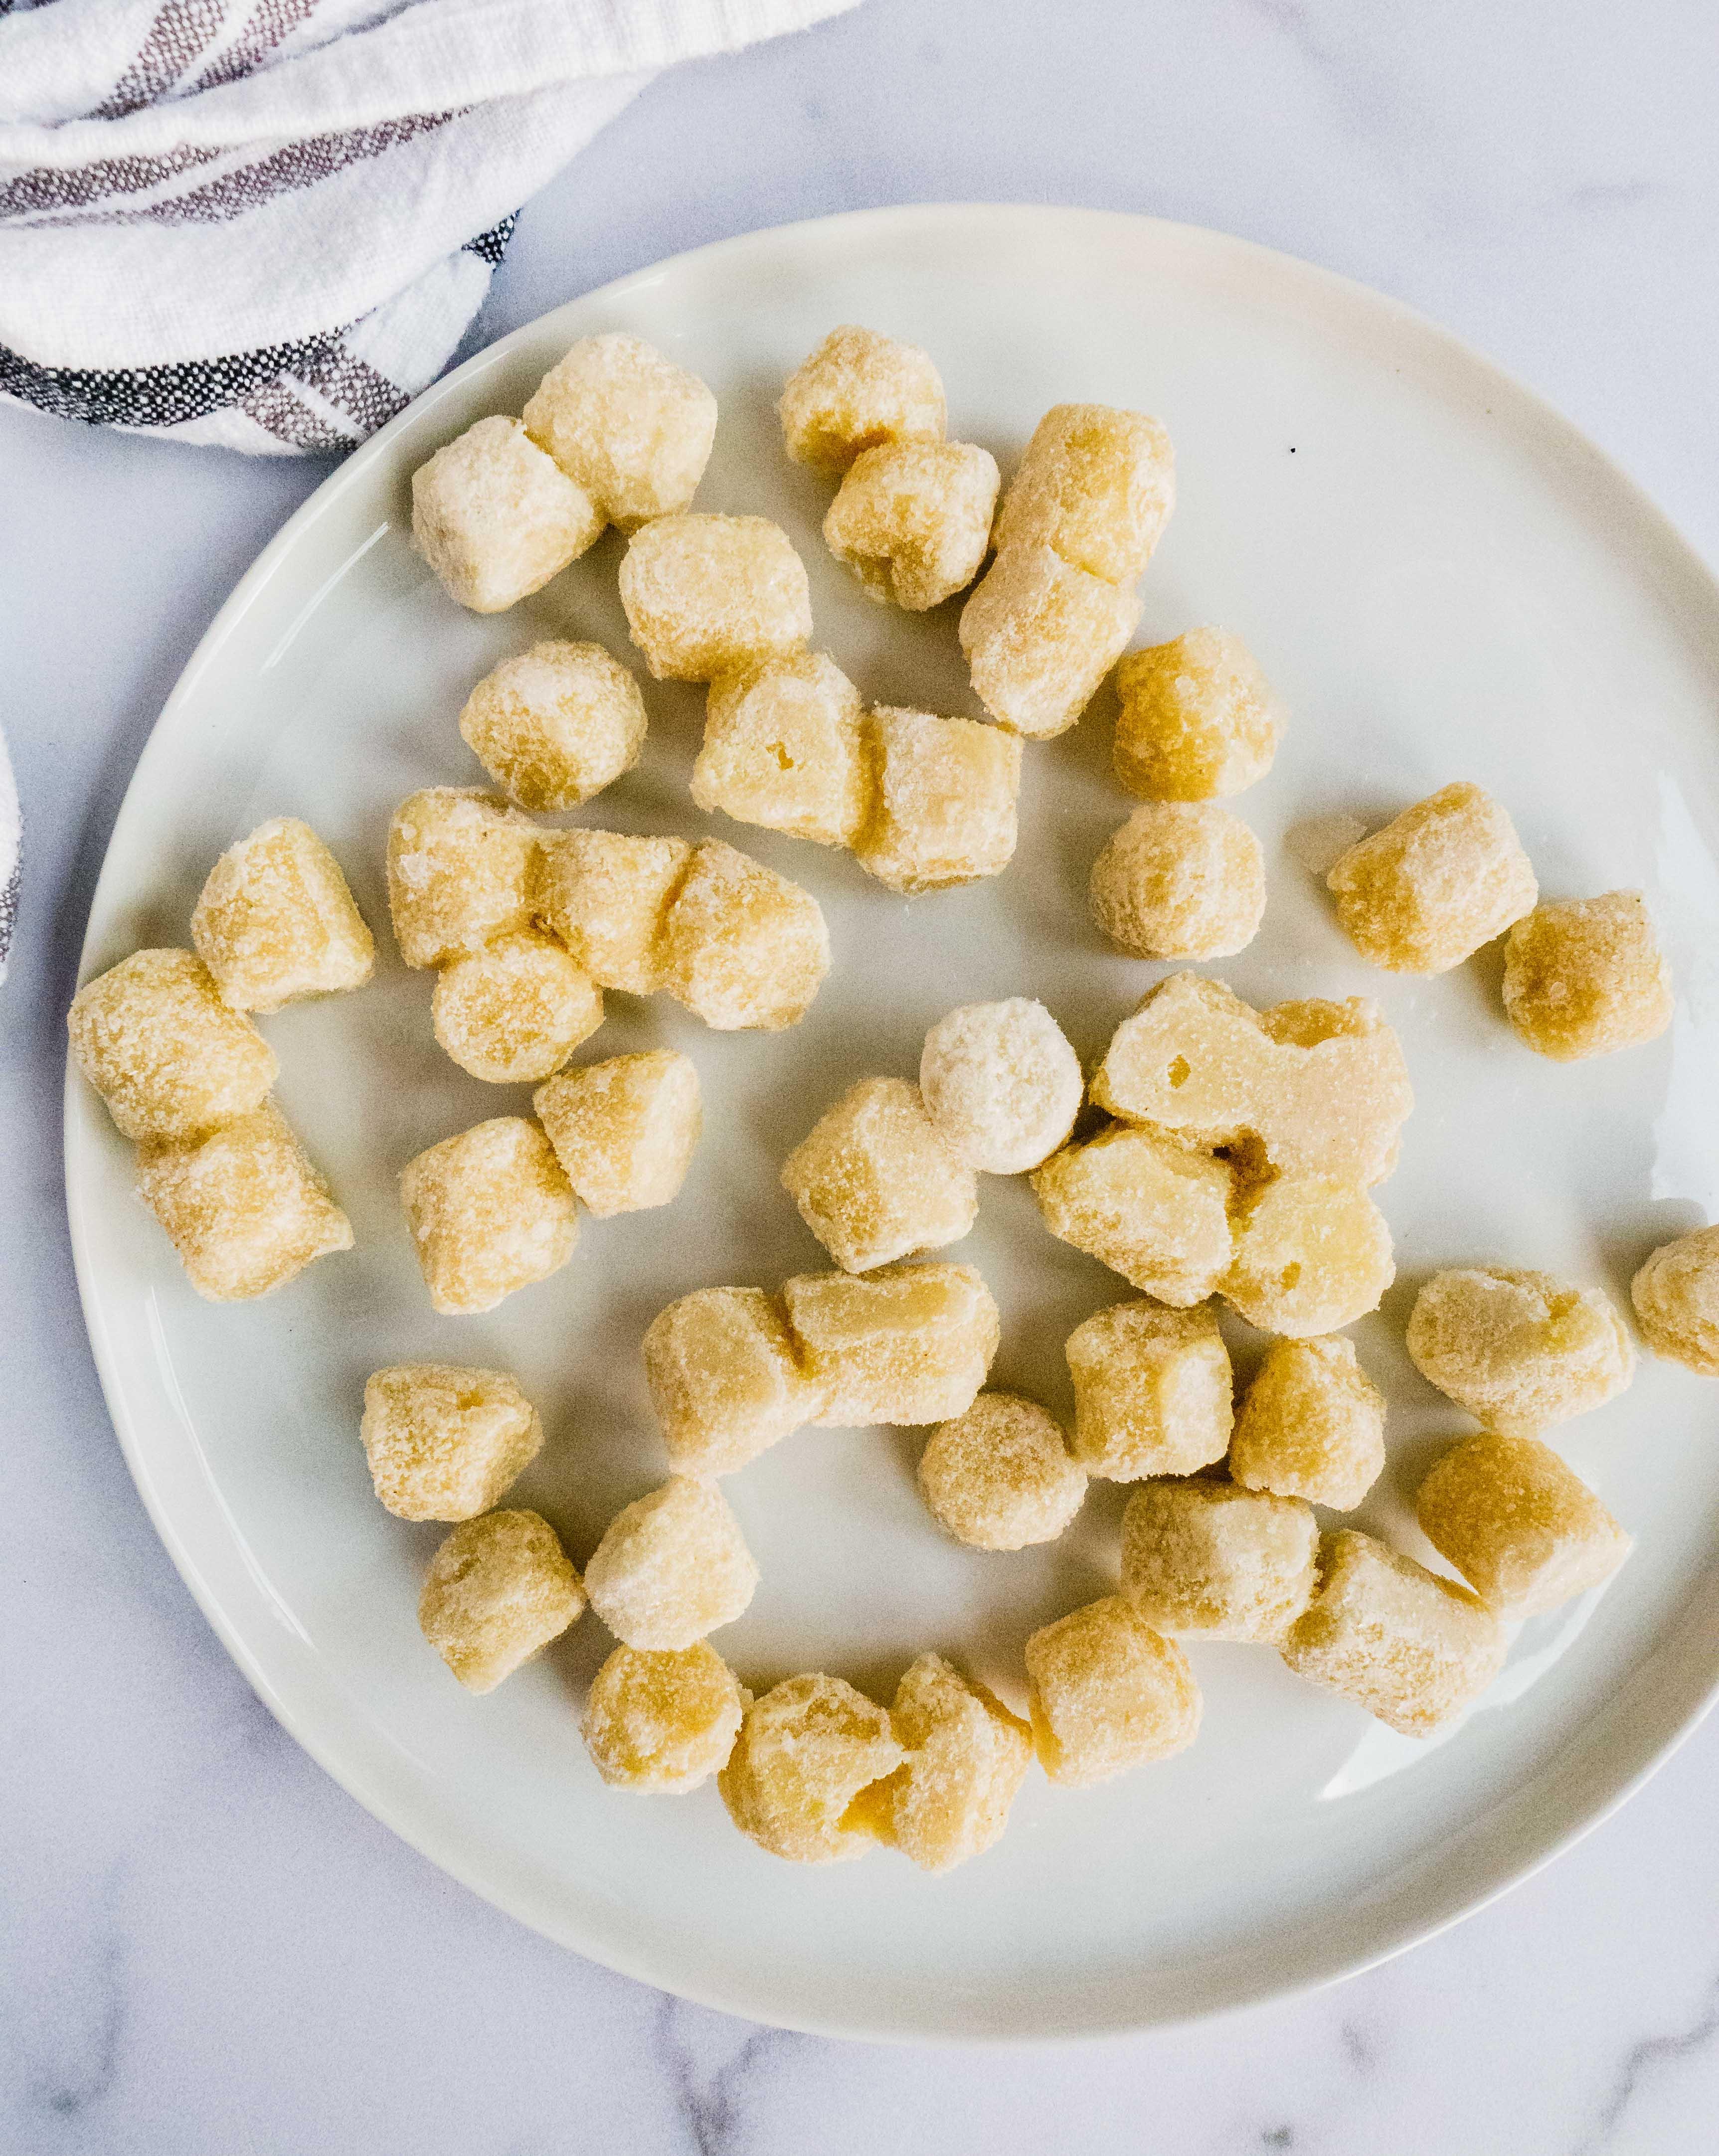 Trader Joe's Cauliflower gnocchi frozen on a plate.